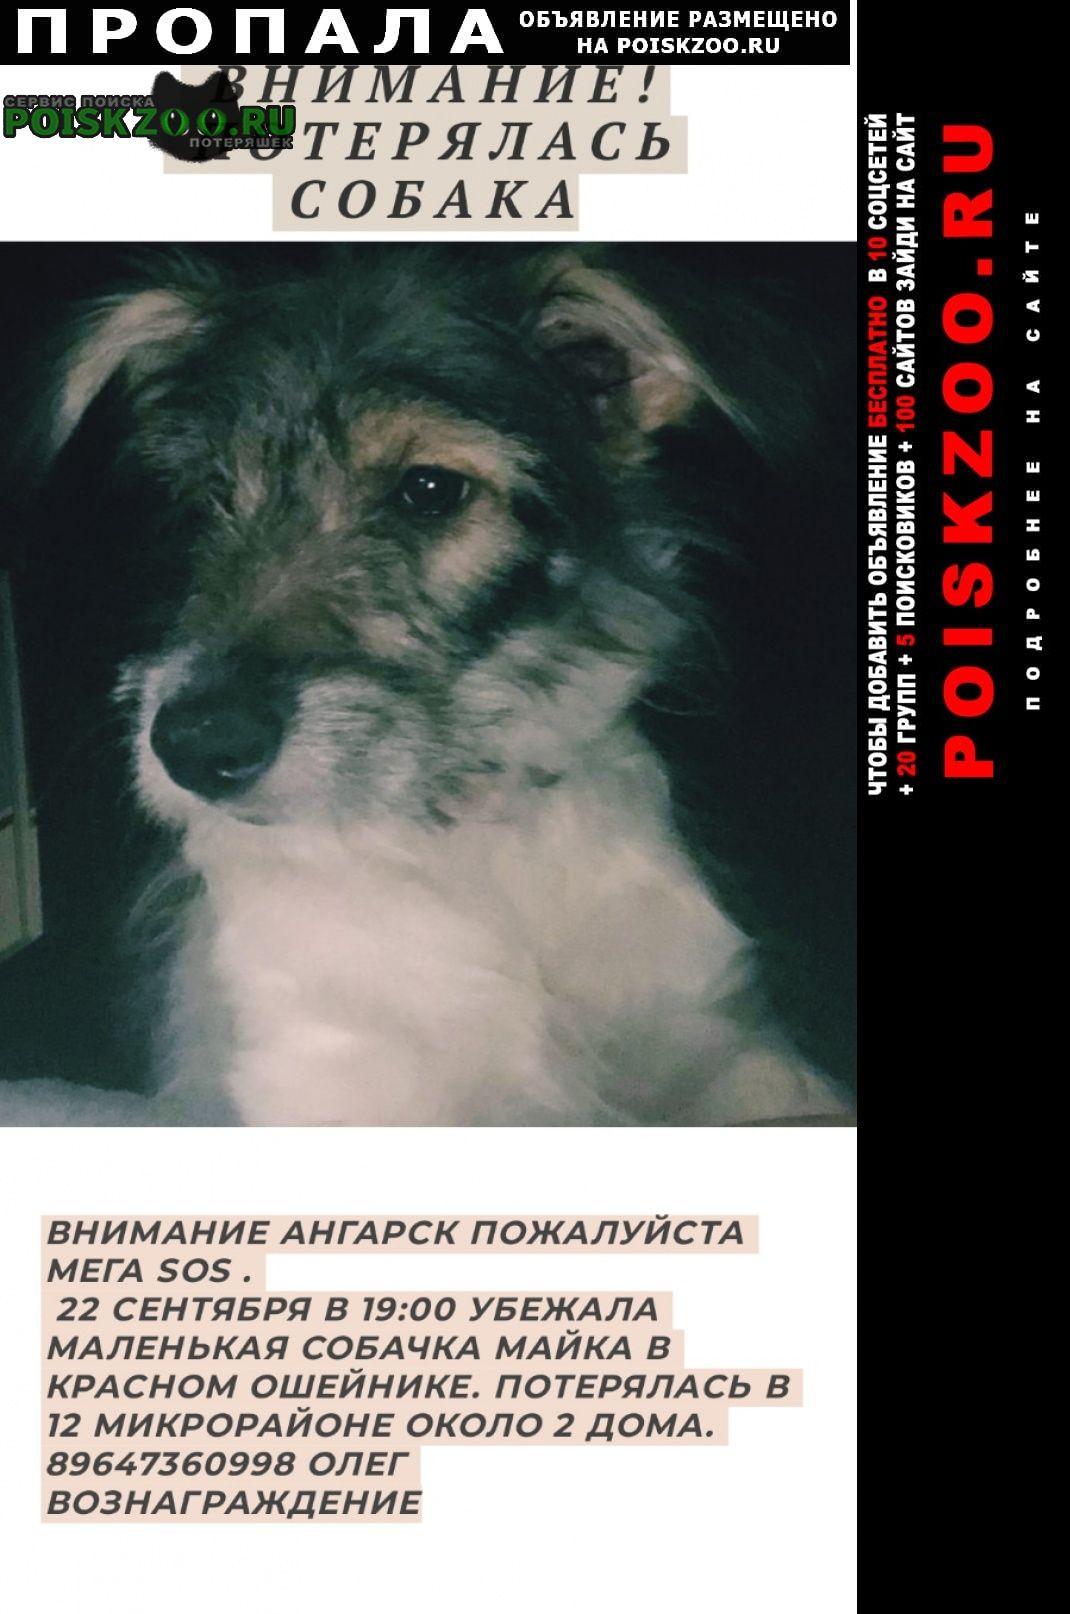 Пропала собака внимание   Ангарск